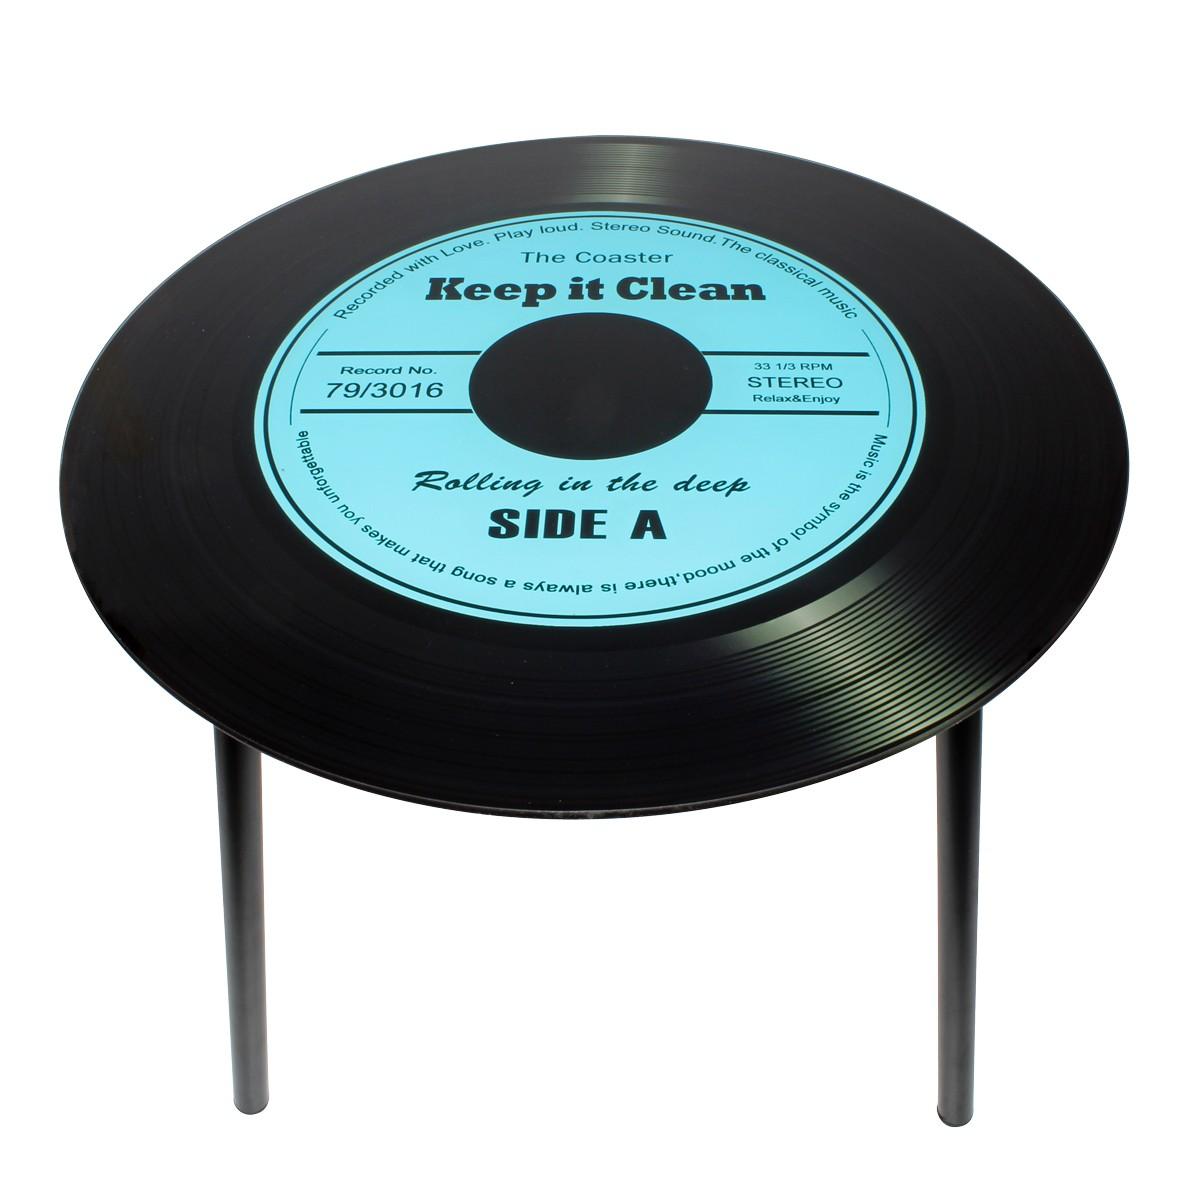 Mesa de Canto Modelo LP - Vinil Keep it Clean Blue 40x40x40cm